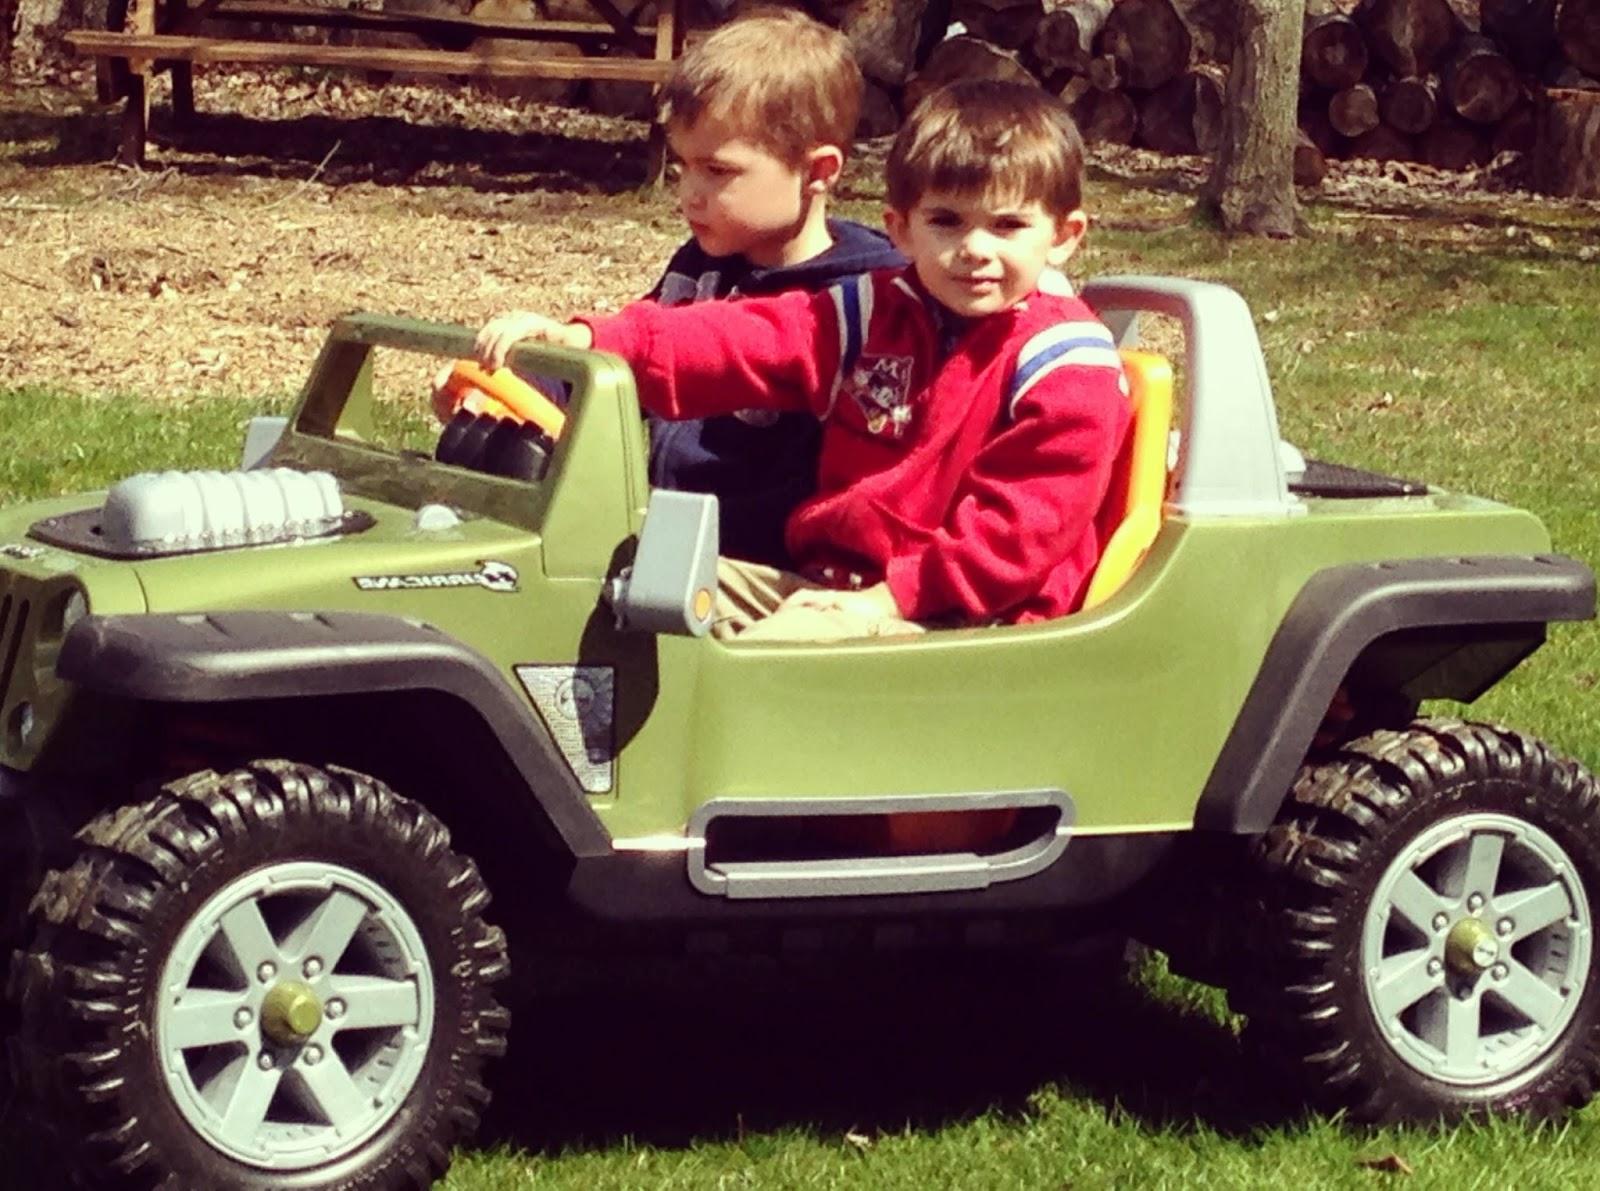 بالصور صور سيارات اطفال , اروع صور سيارات الاطفال 5205 8